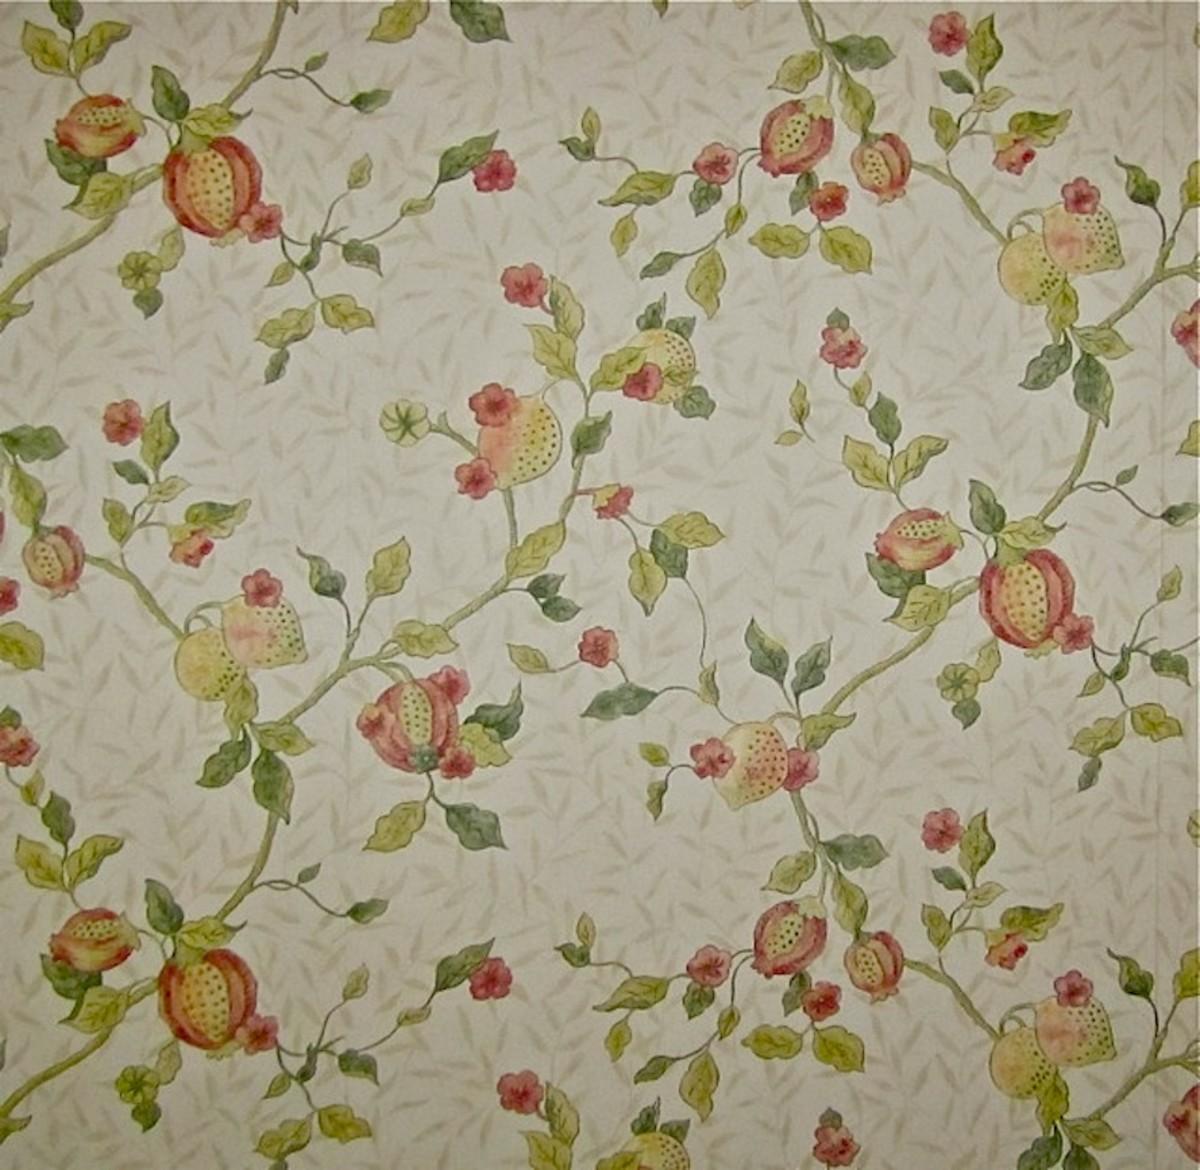 """William Morris """"Fruit Minor"""" (Pomegranate) Wallpaper Design c. 1864"""